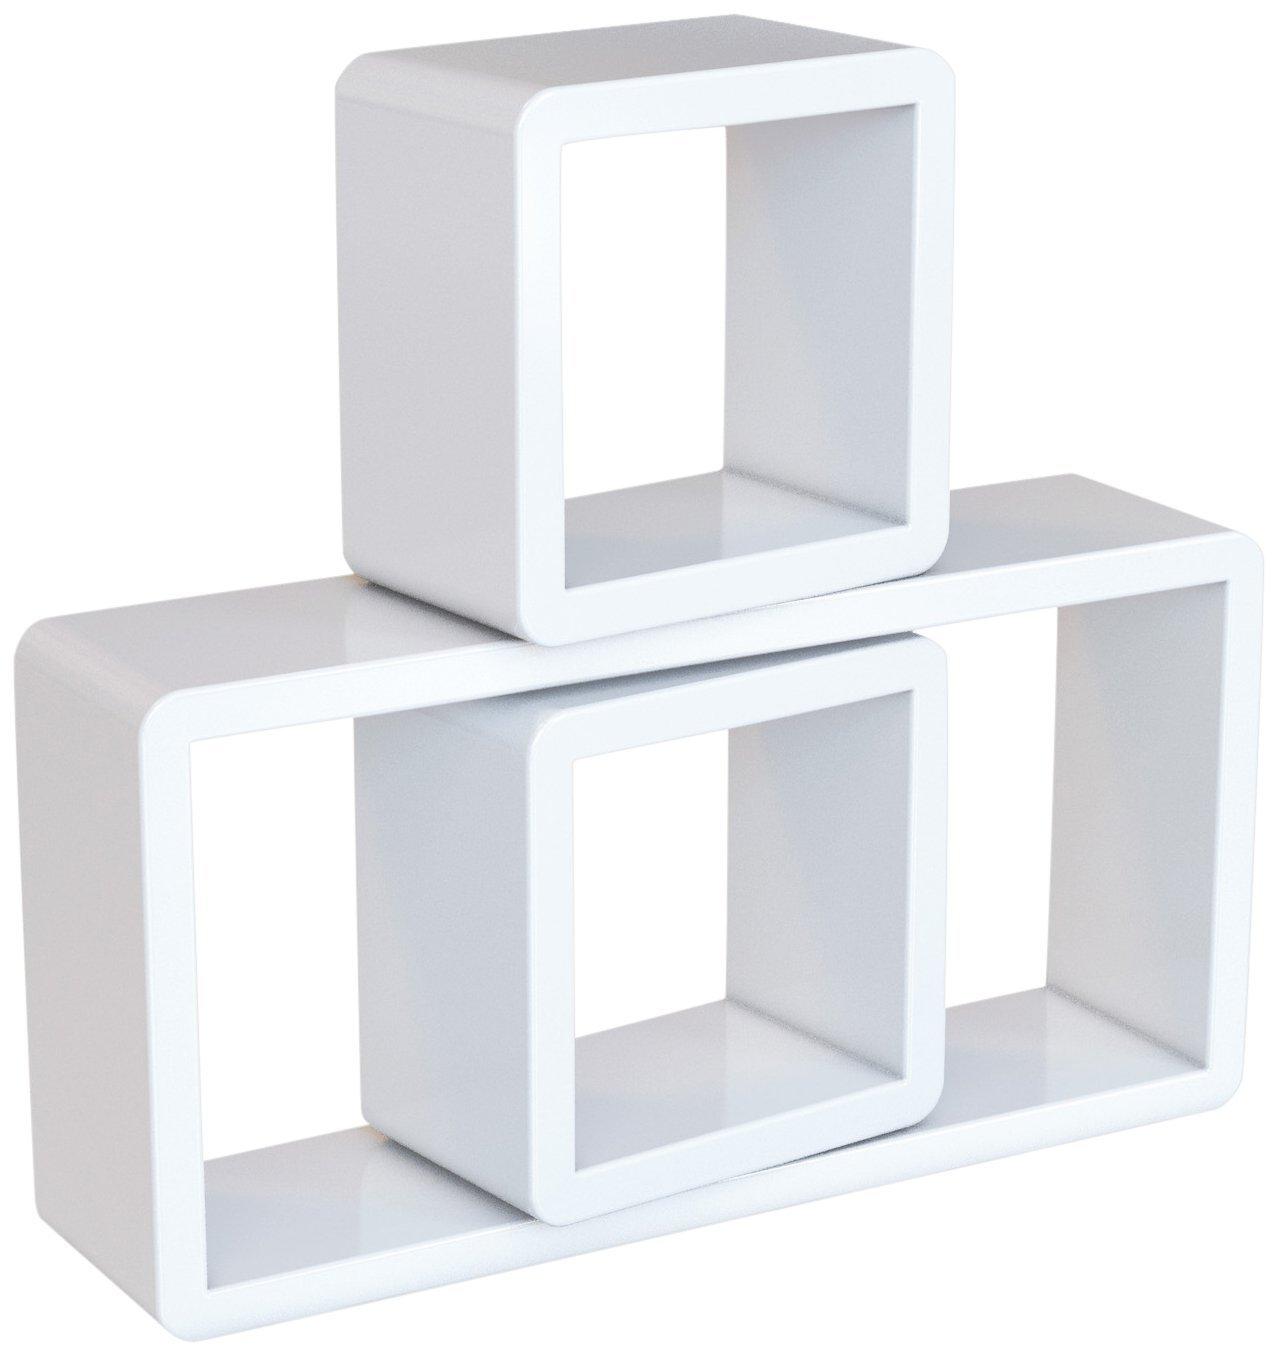 Nástěnné poličky Uana bílé - 3 kusy